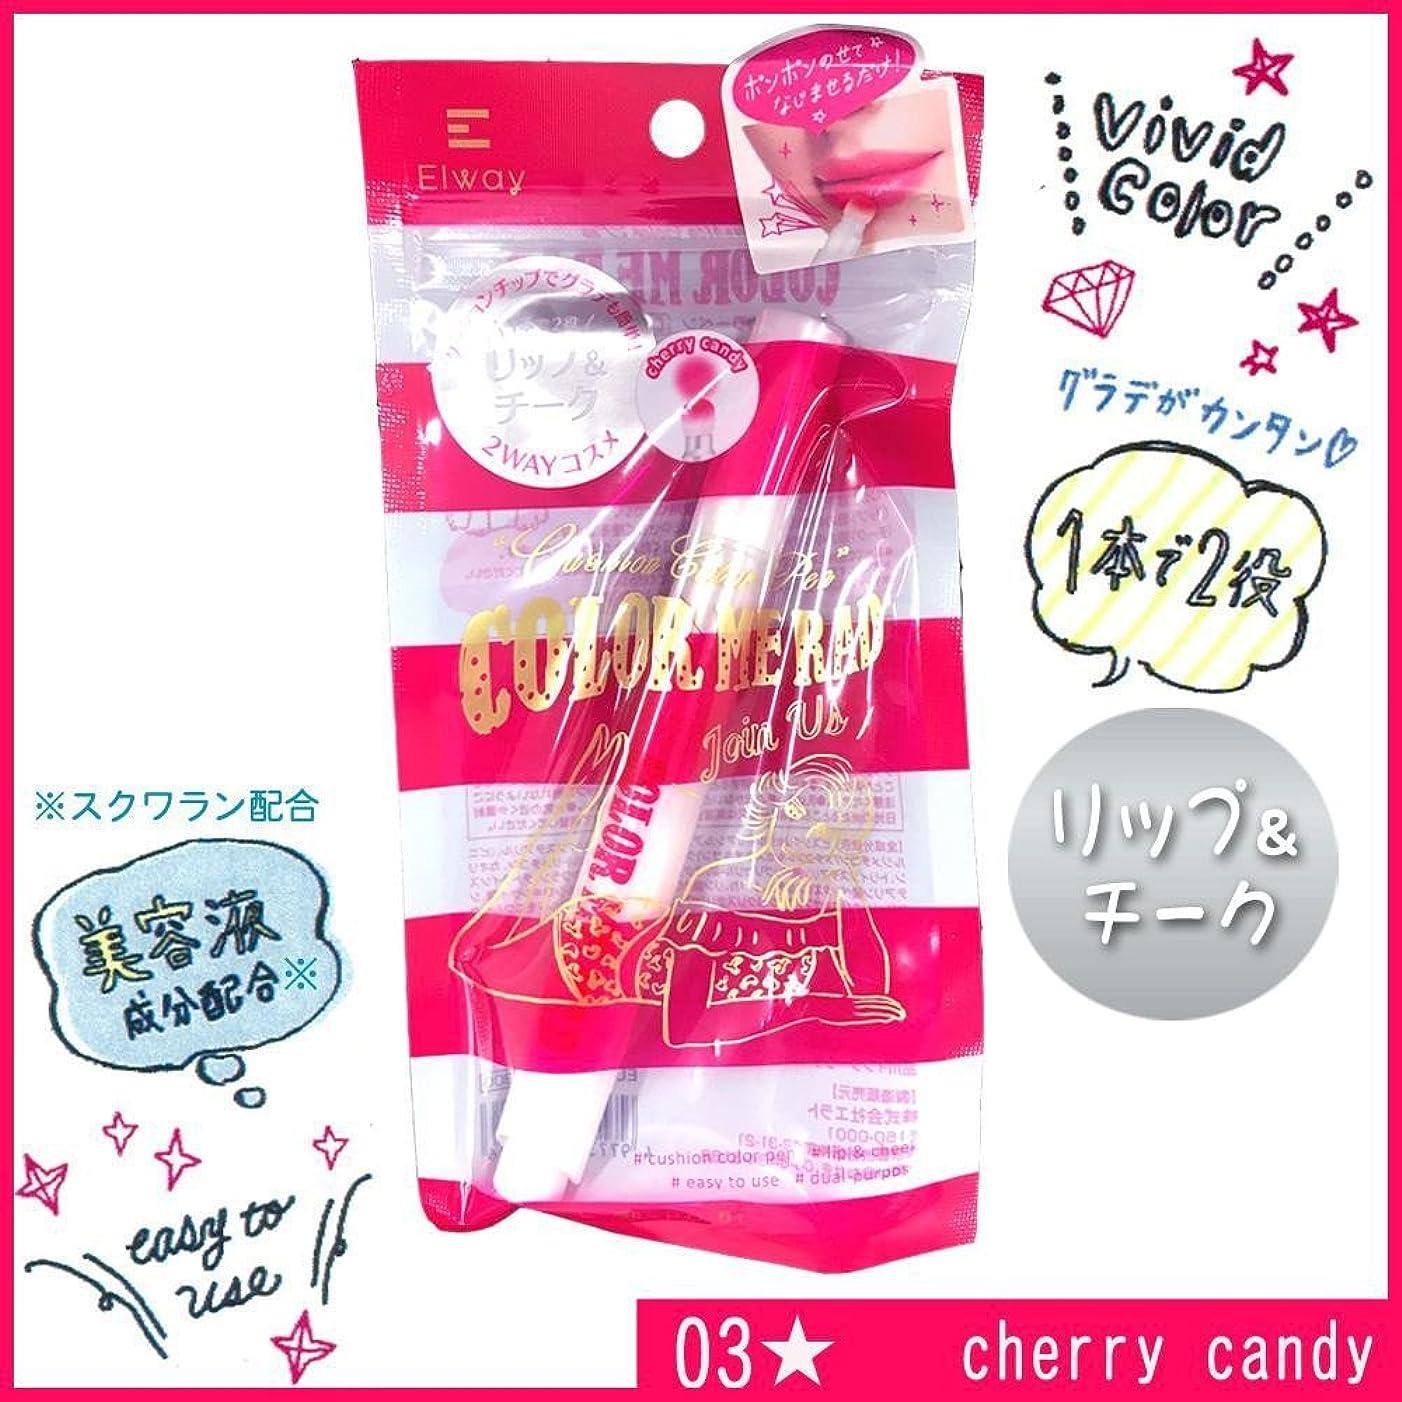 孤児ビジター薄いCOLOR ME RAD クッションカラーぺン 03 (リップカラー) cherry candy EL74249